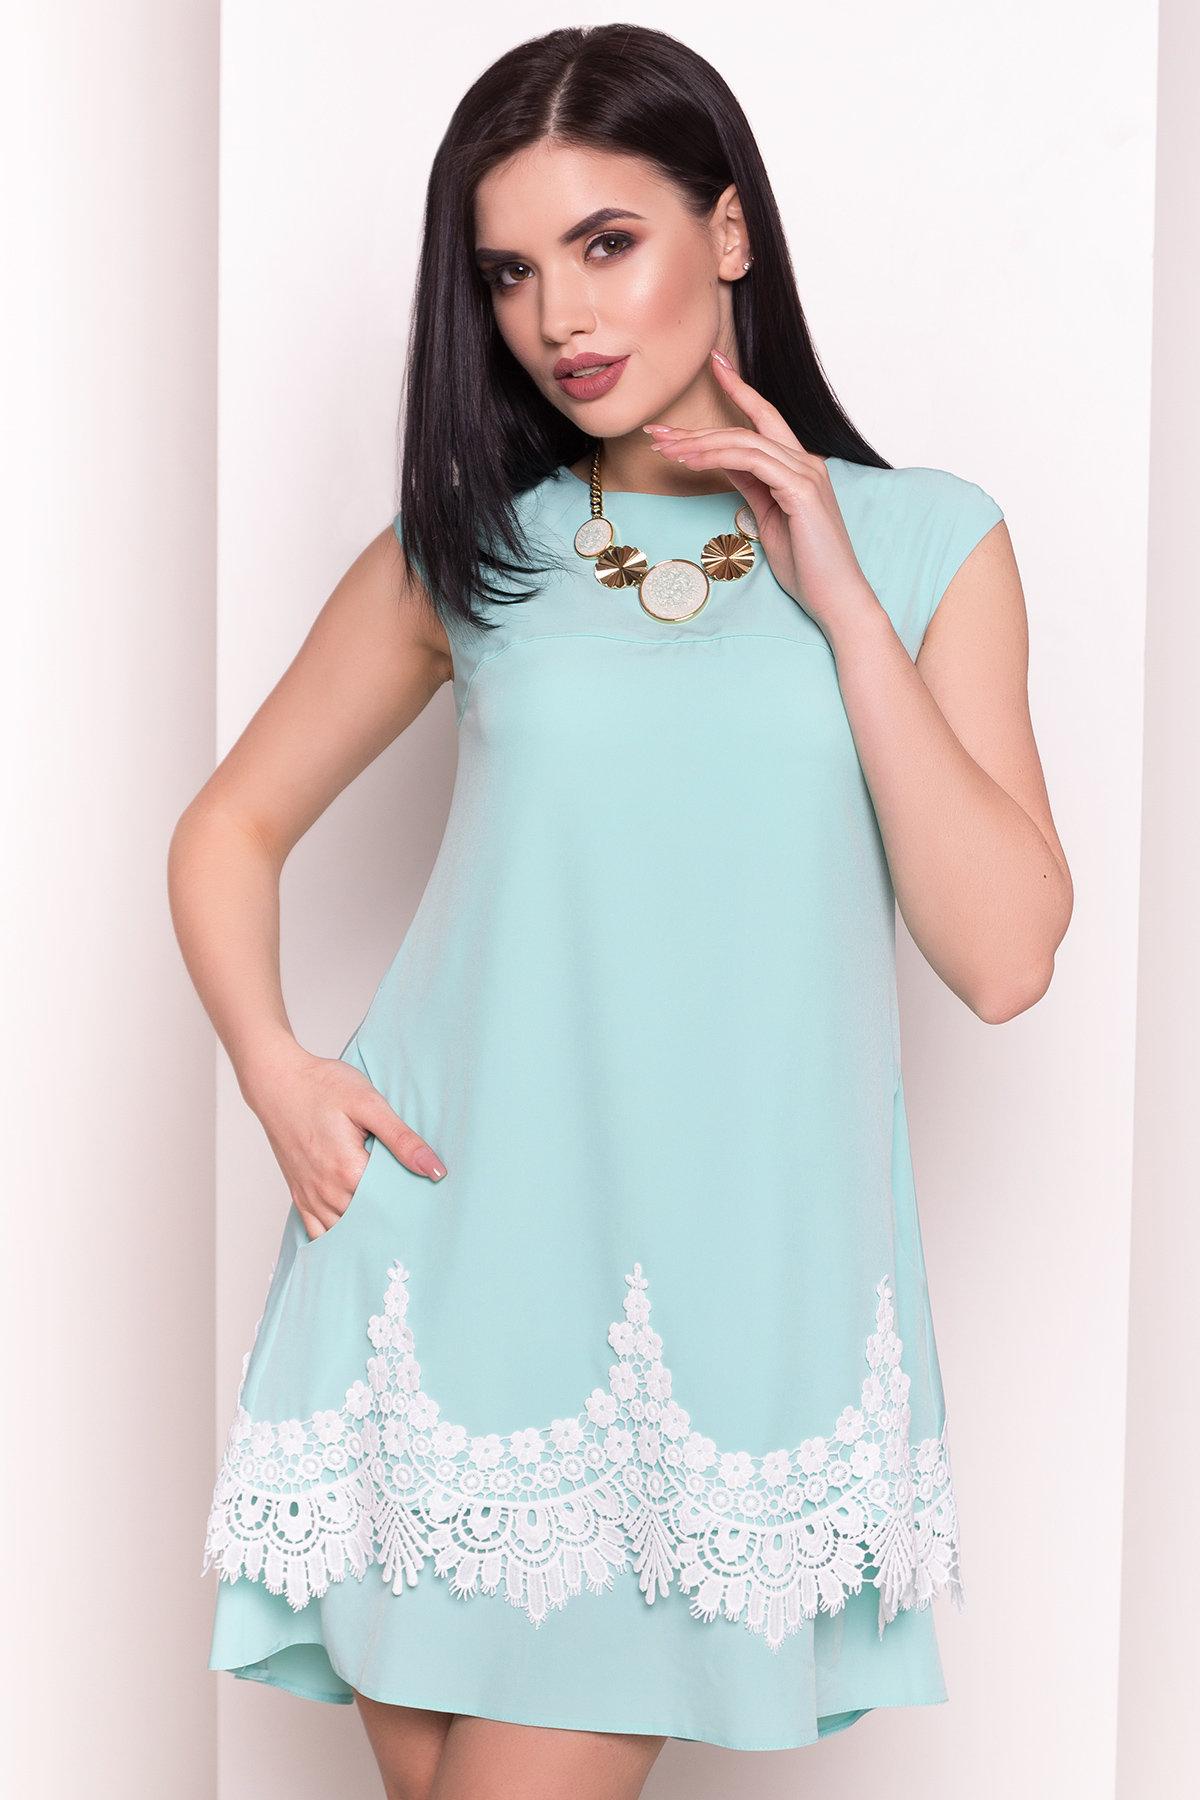 Платье Арвель 4894 АРТ. 34972 Цвет: Мята - фото 2, интернет магазин tm-modus.ru